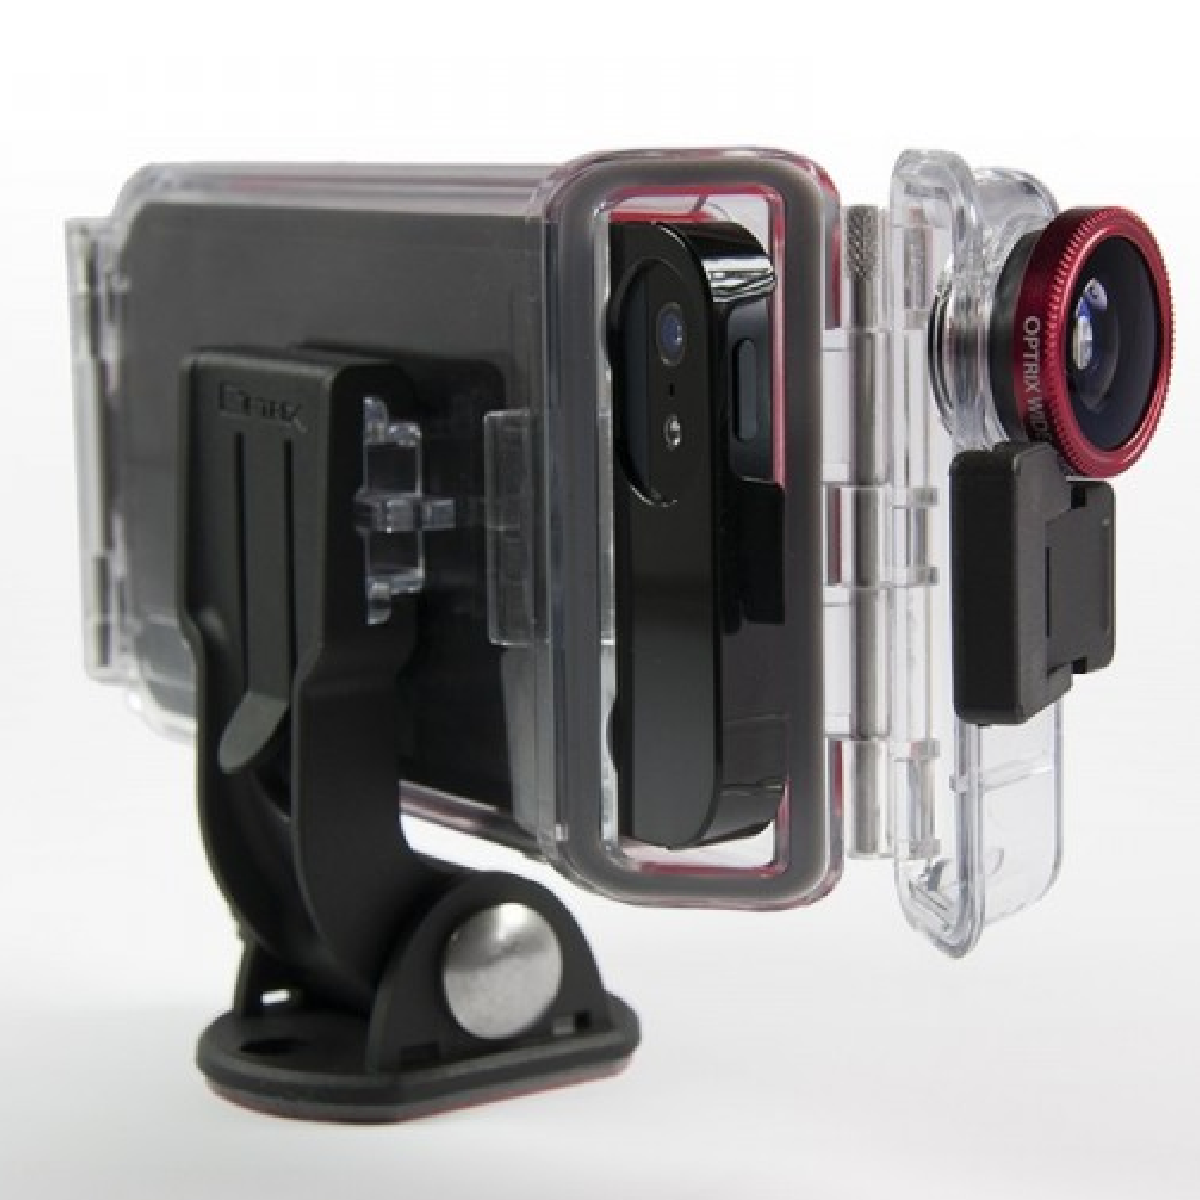 Optrix peut se fixer partout pour tout filmer